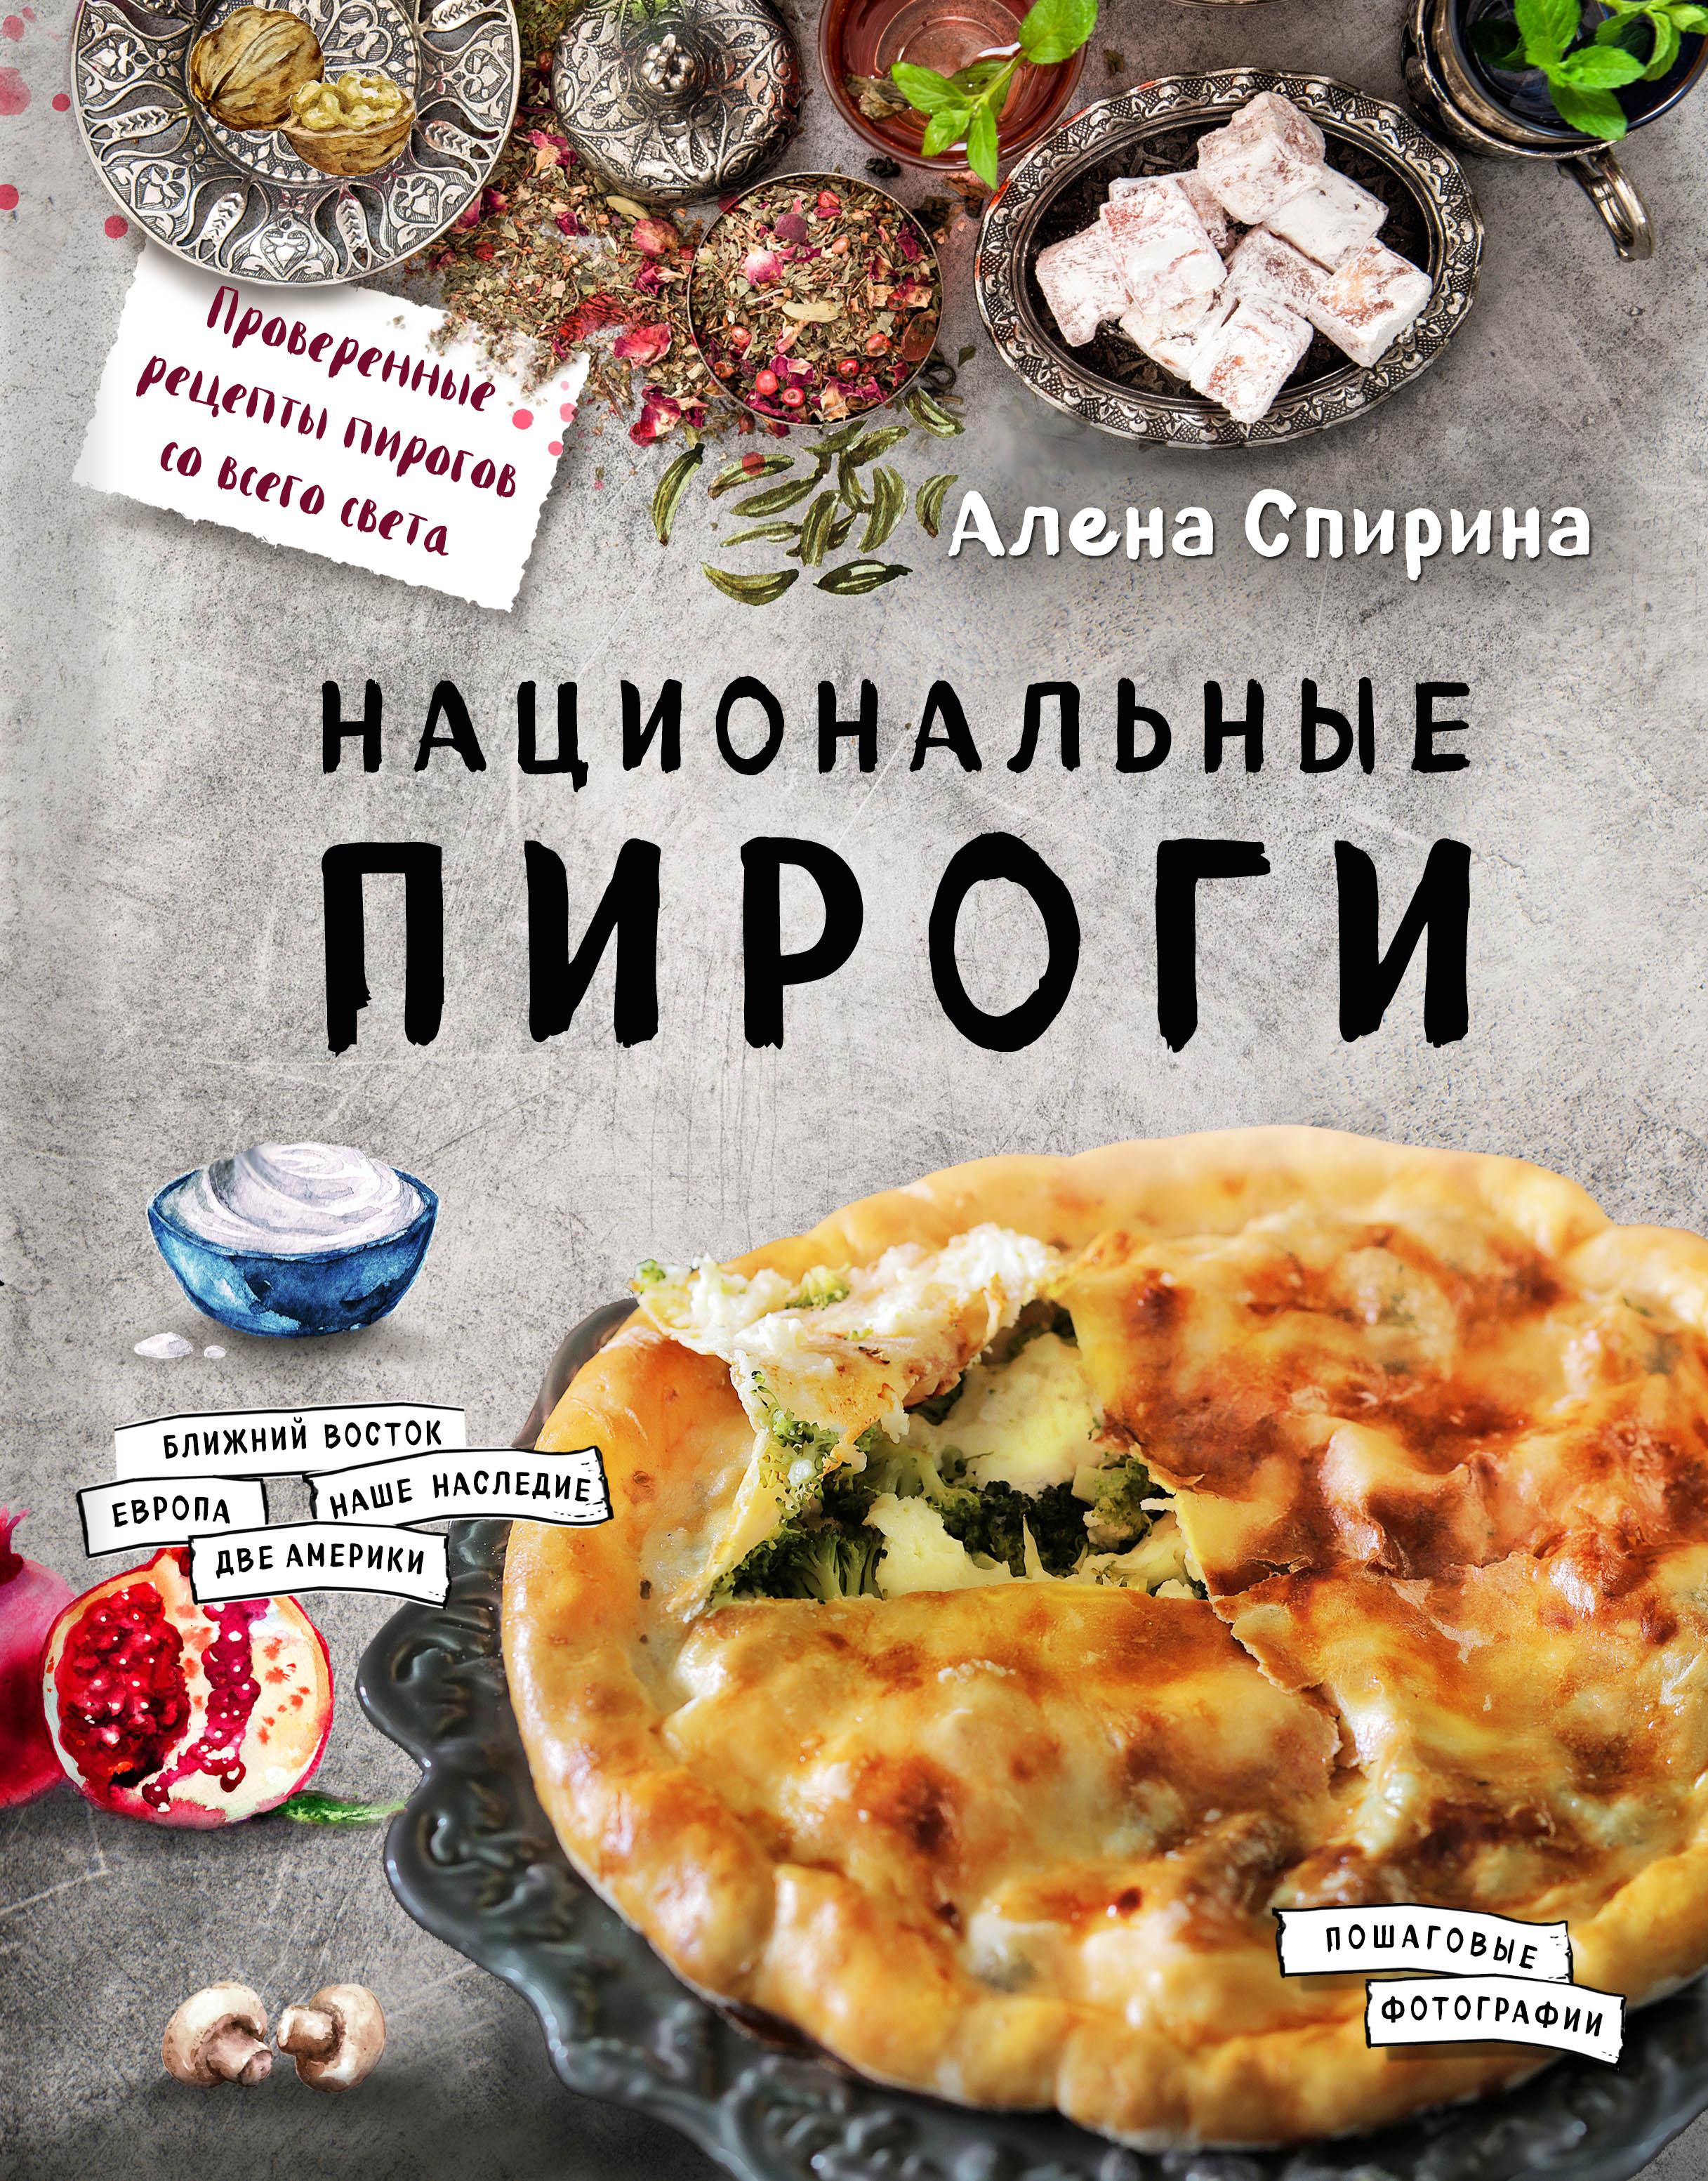 Спирина Алена Вениаминовна Национальные пироги